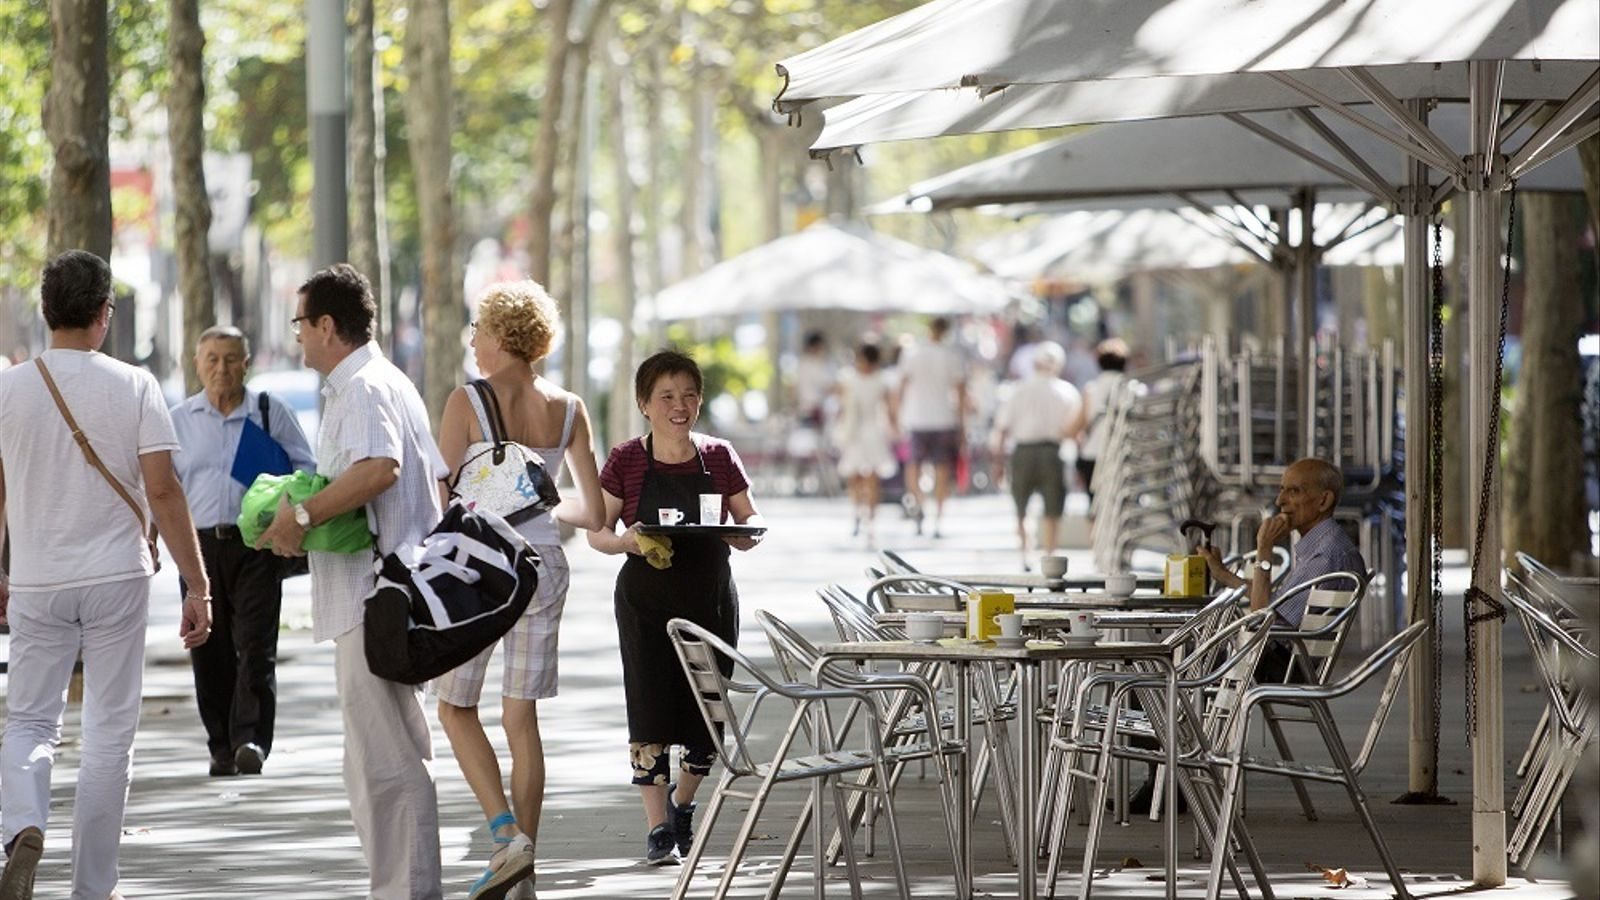 El Gremi de Restauradors cobra 363 euros als bars i restaurants de Barcelona per tramitar-los l'ampliació de les terrasses